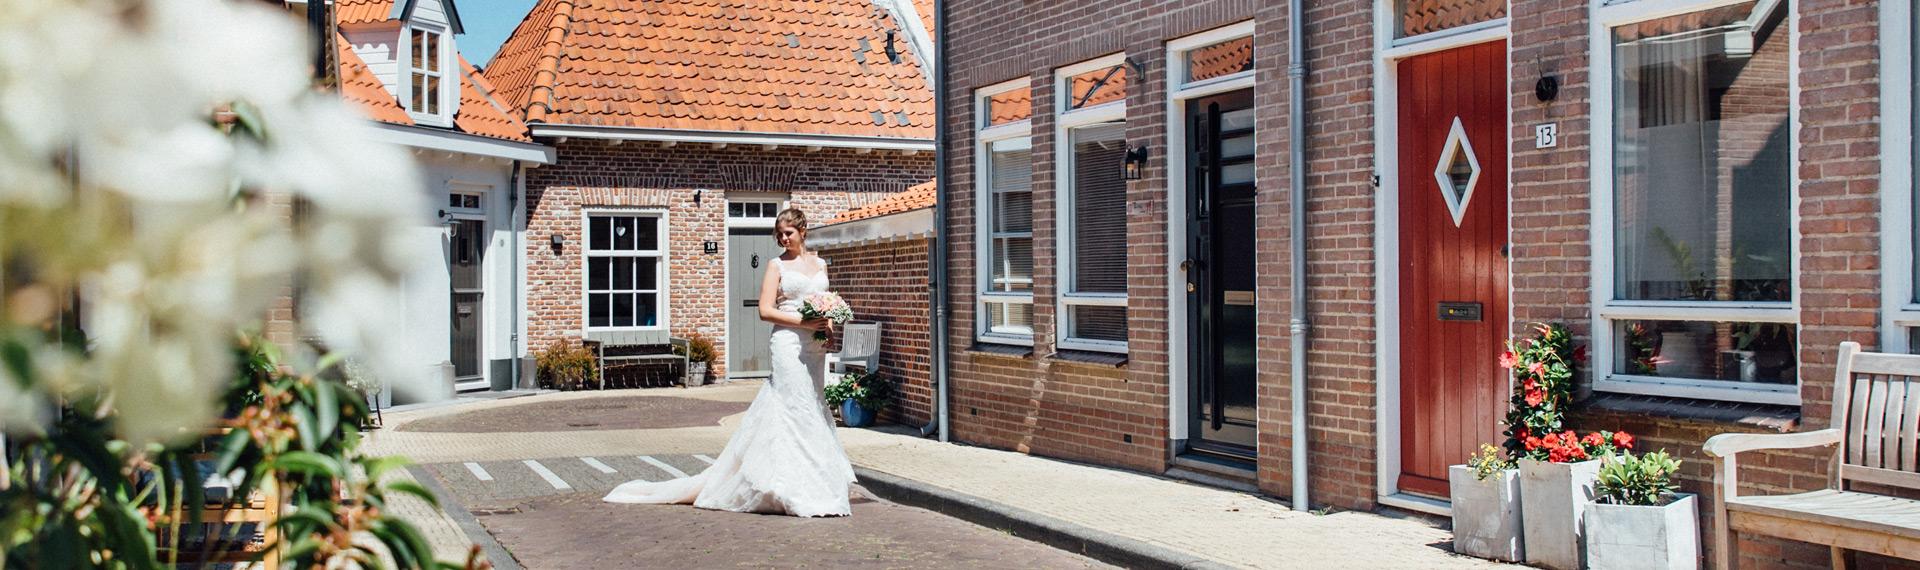 Real Bride Felicity